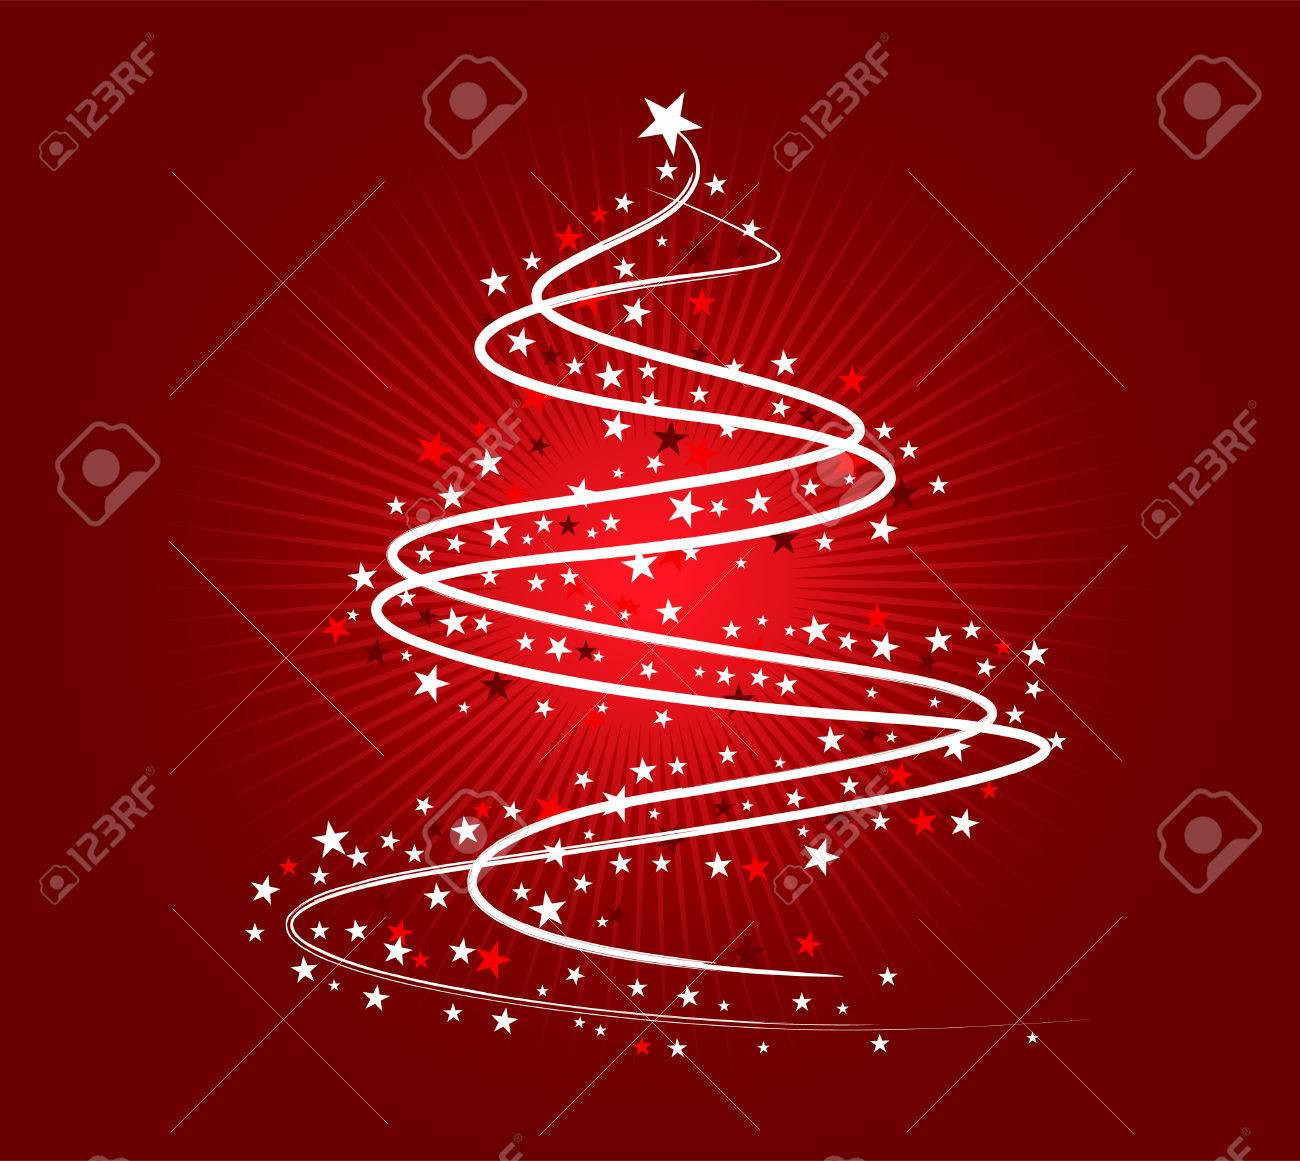 rbol de navidad ilustracin blanco sobre fondo rojo foto de archivo